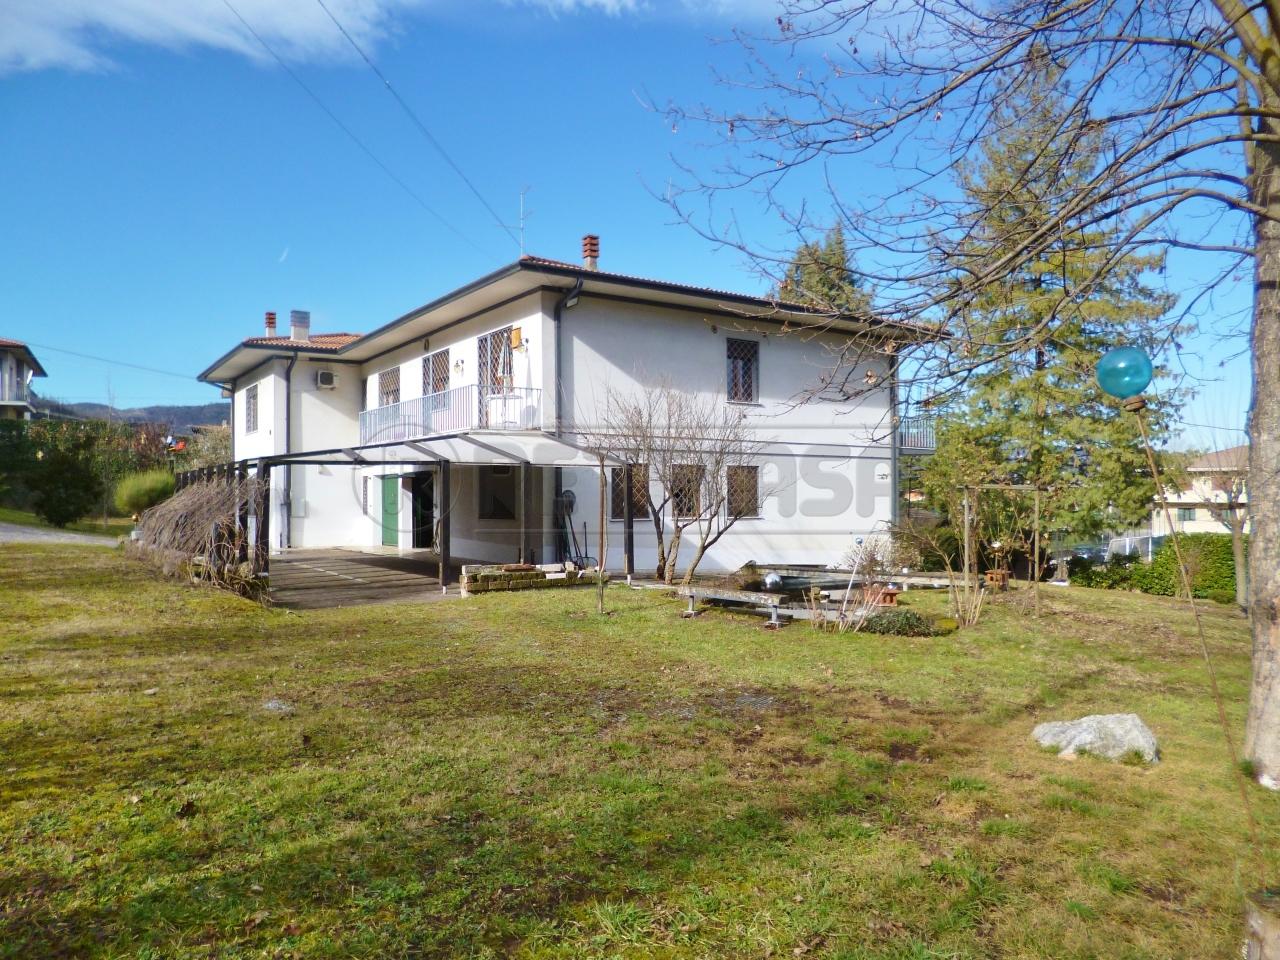 Soluzione Indipendente in vendita a Montorso Vicentino, 18 locali, prezzo € 440.000   Cambio Casa.it